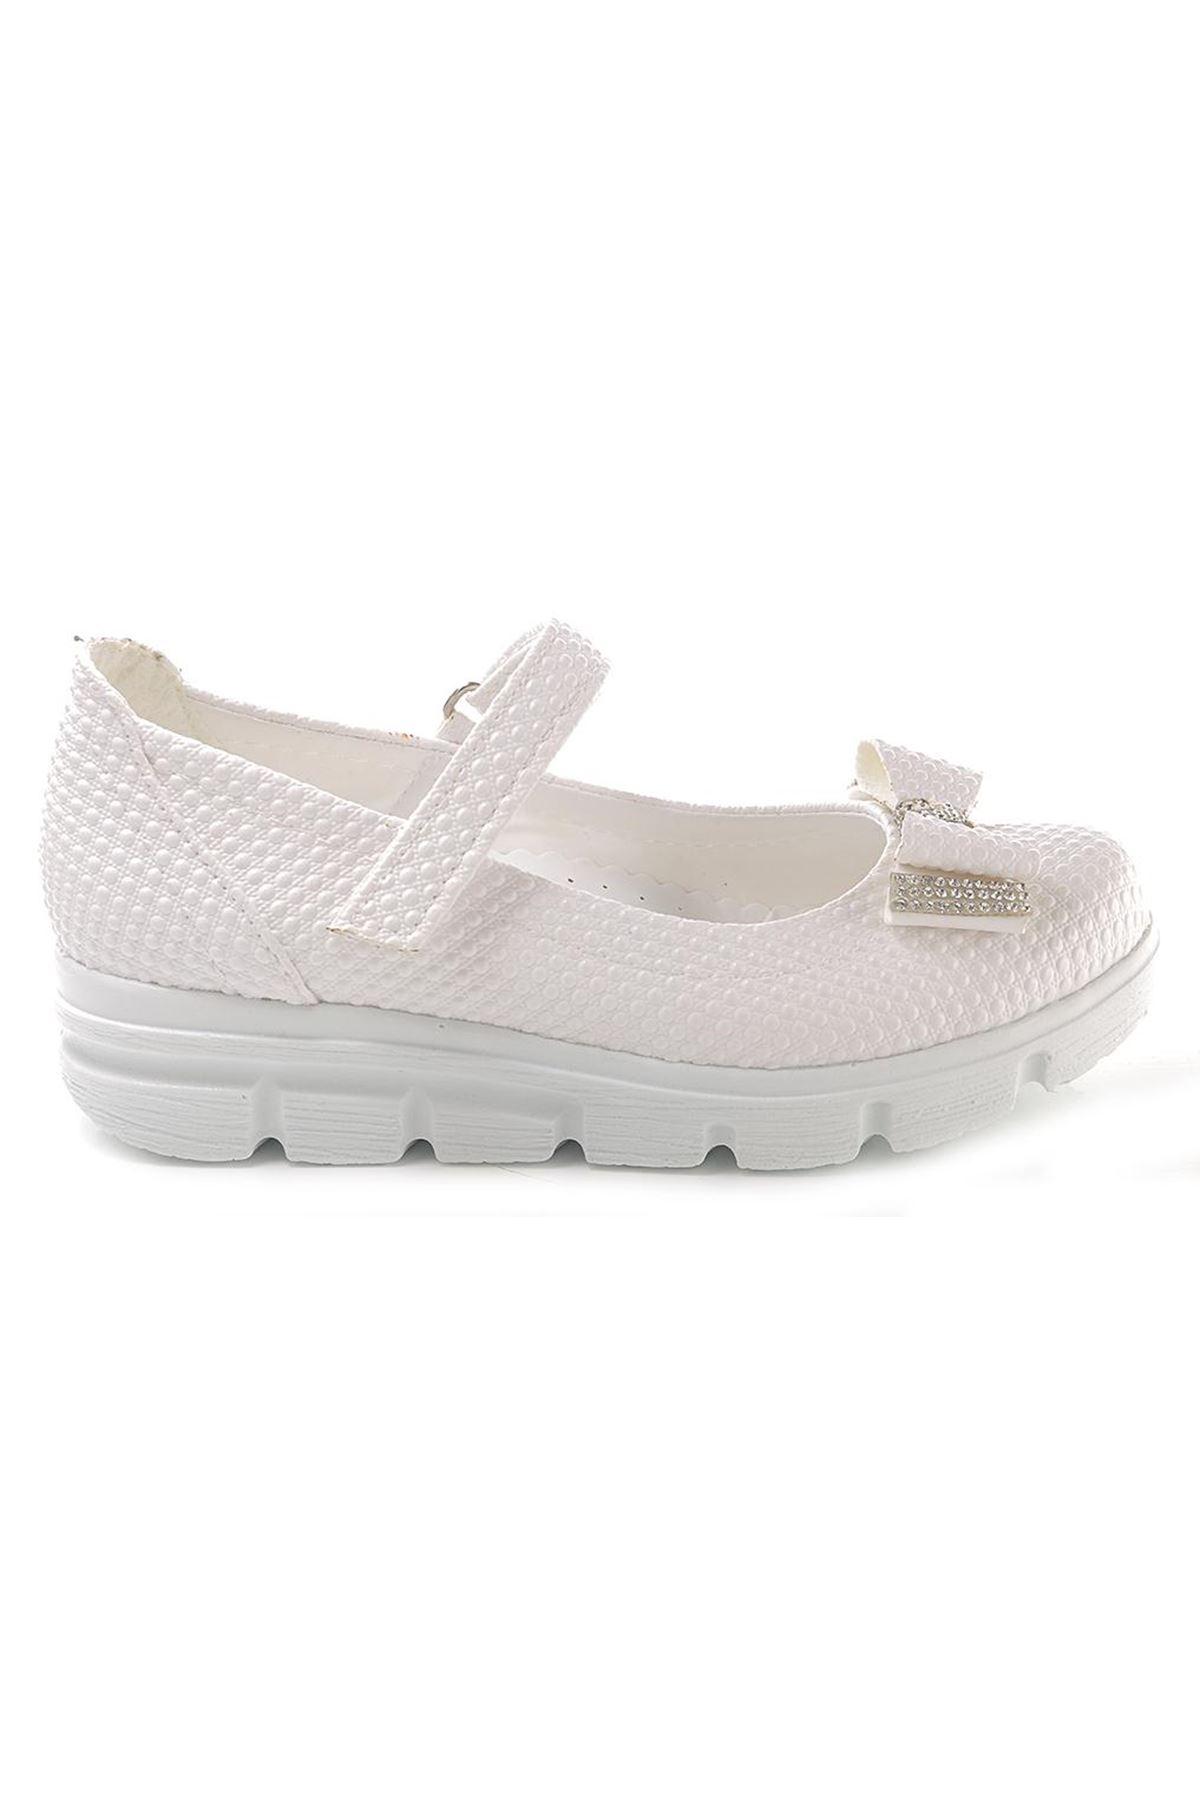 Kids World Beyaz Kalın Taban Çocuk Ayakkabı